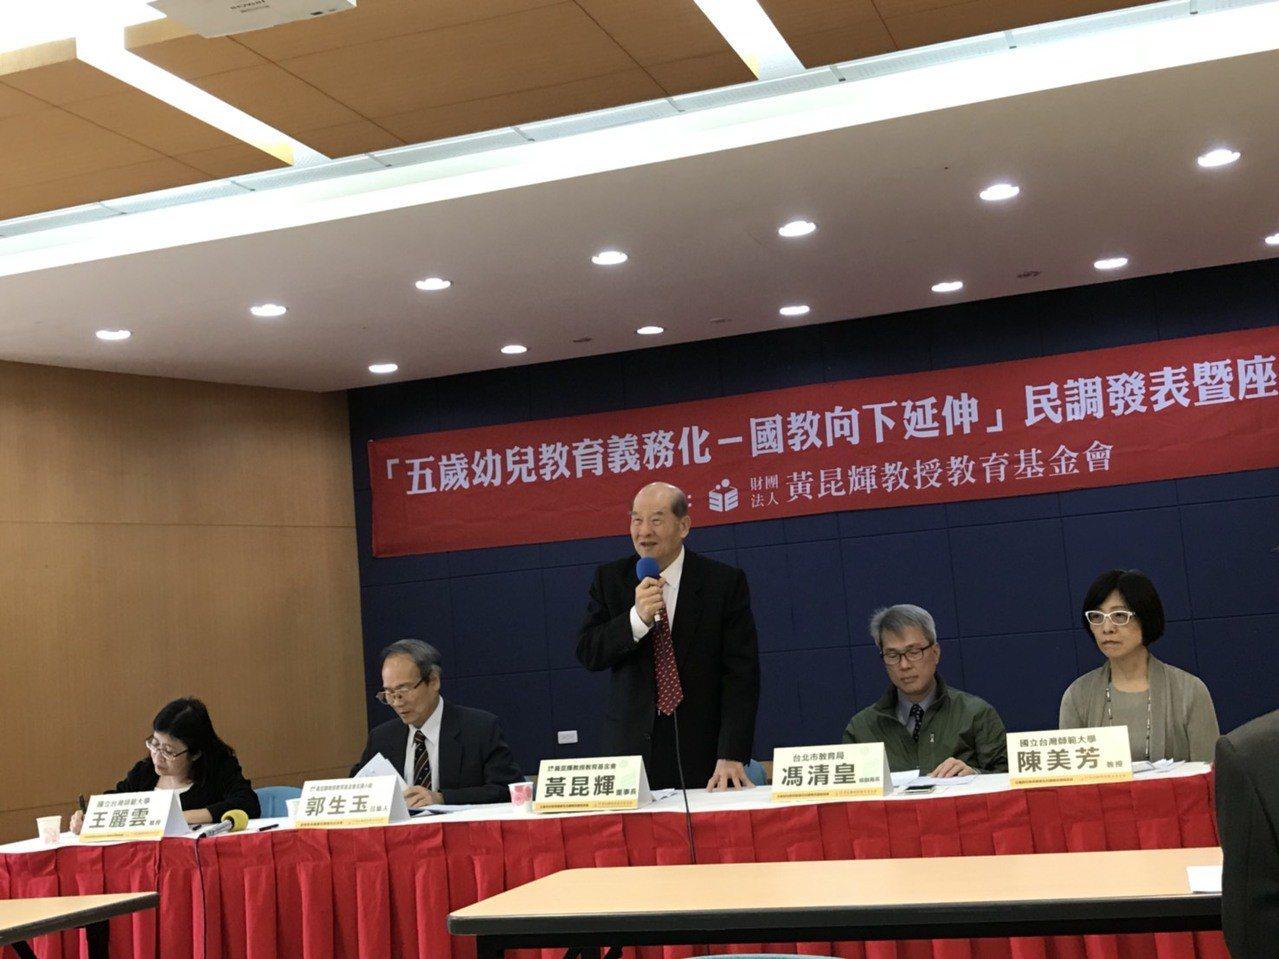 黃昆輝教授教育基金會今天公布「五歲幼兒教育義務化-國教向下延伸」民意調查,結果顯...